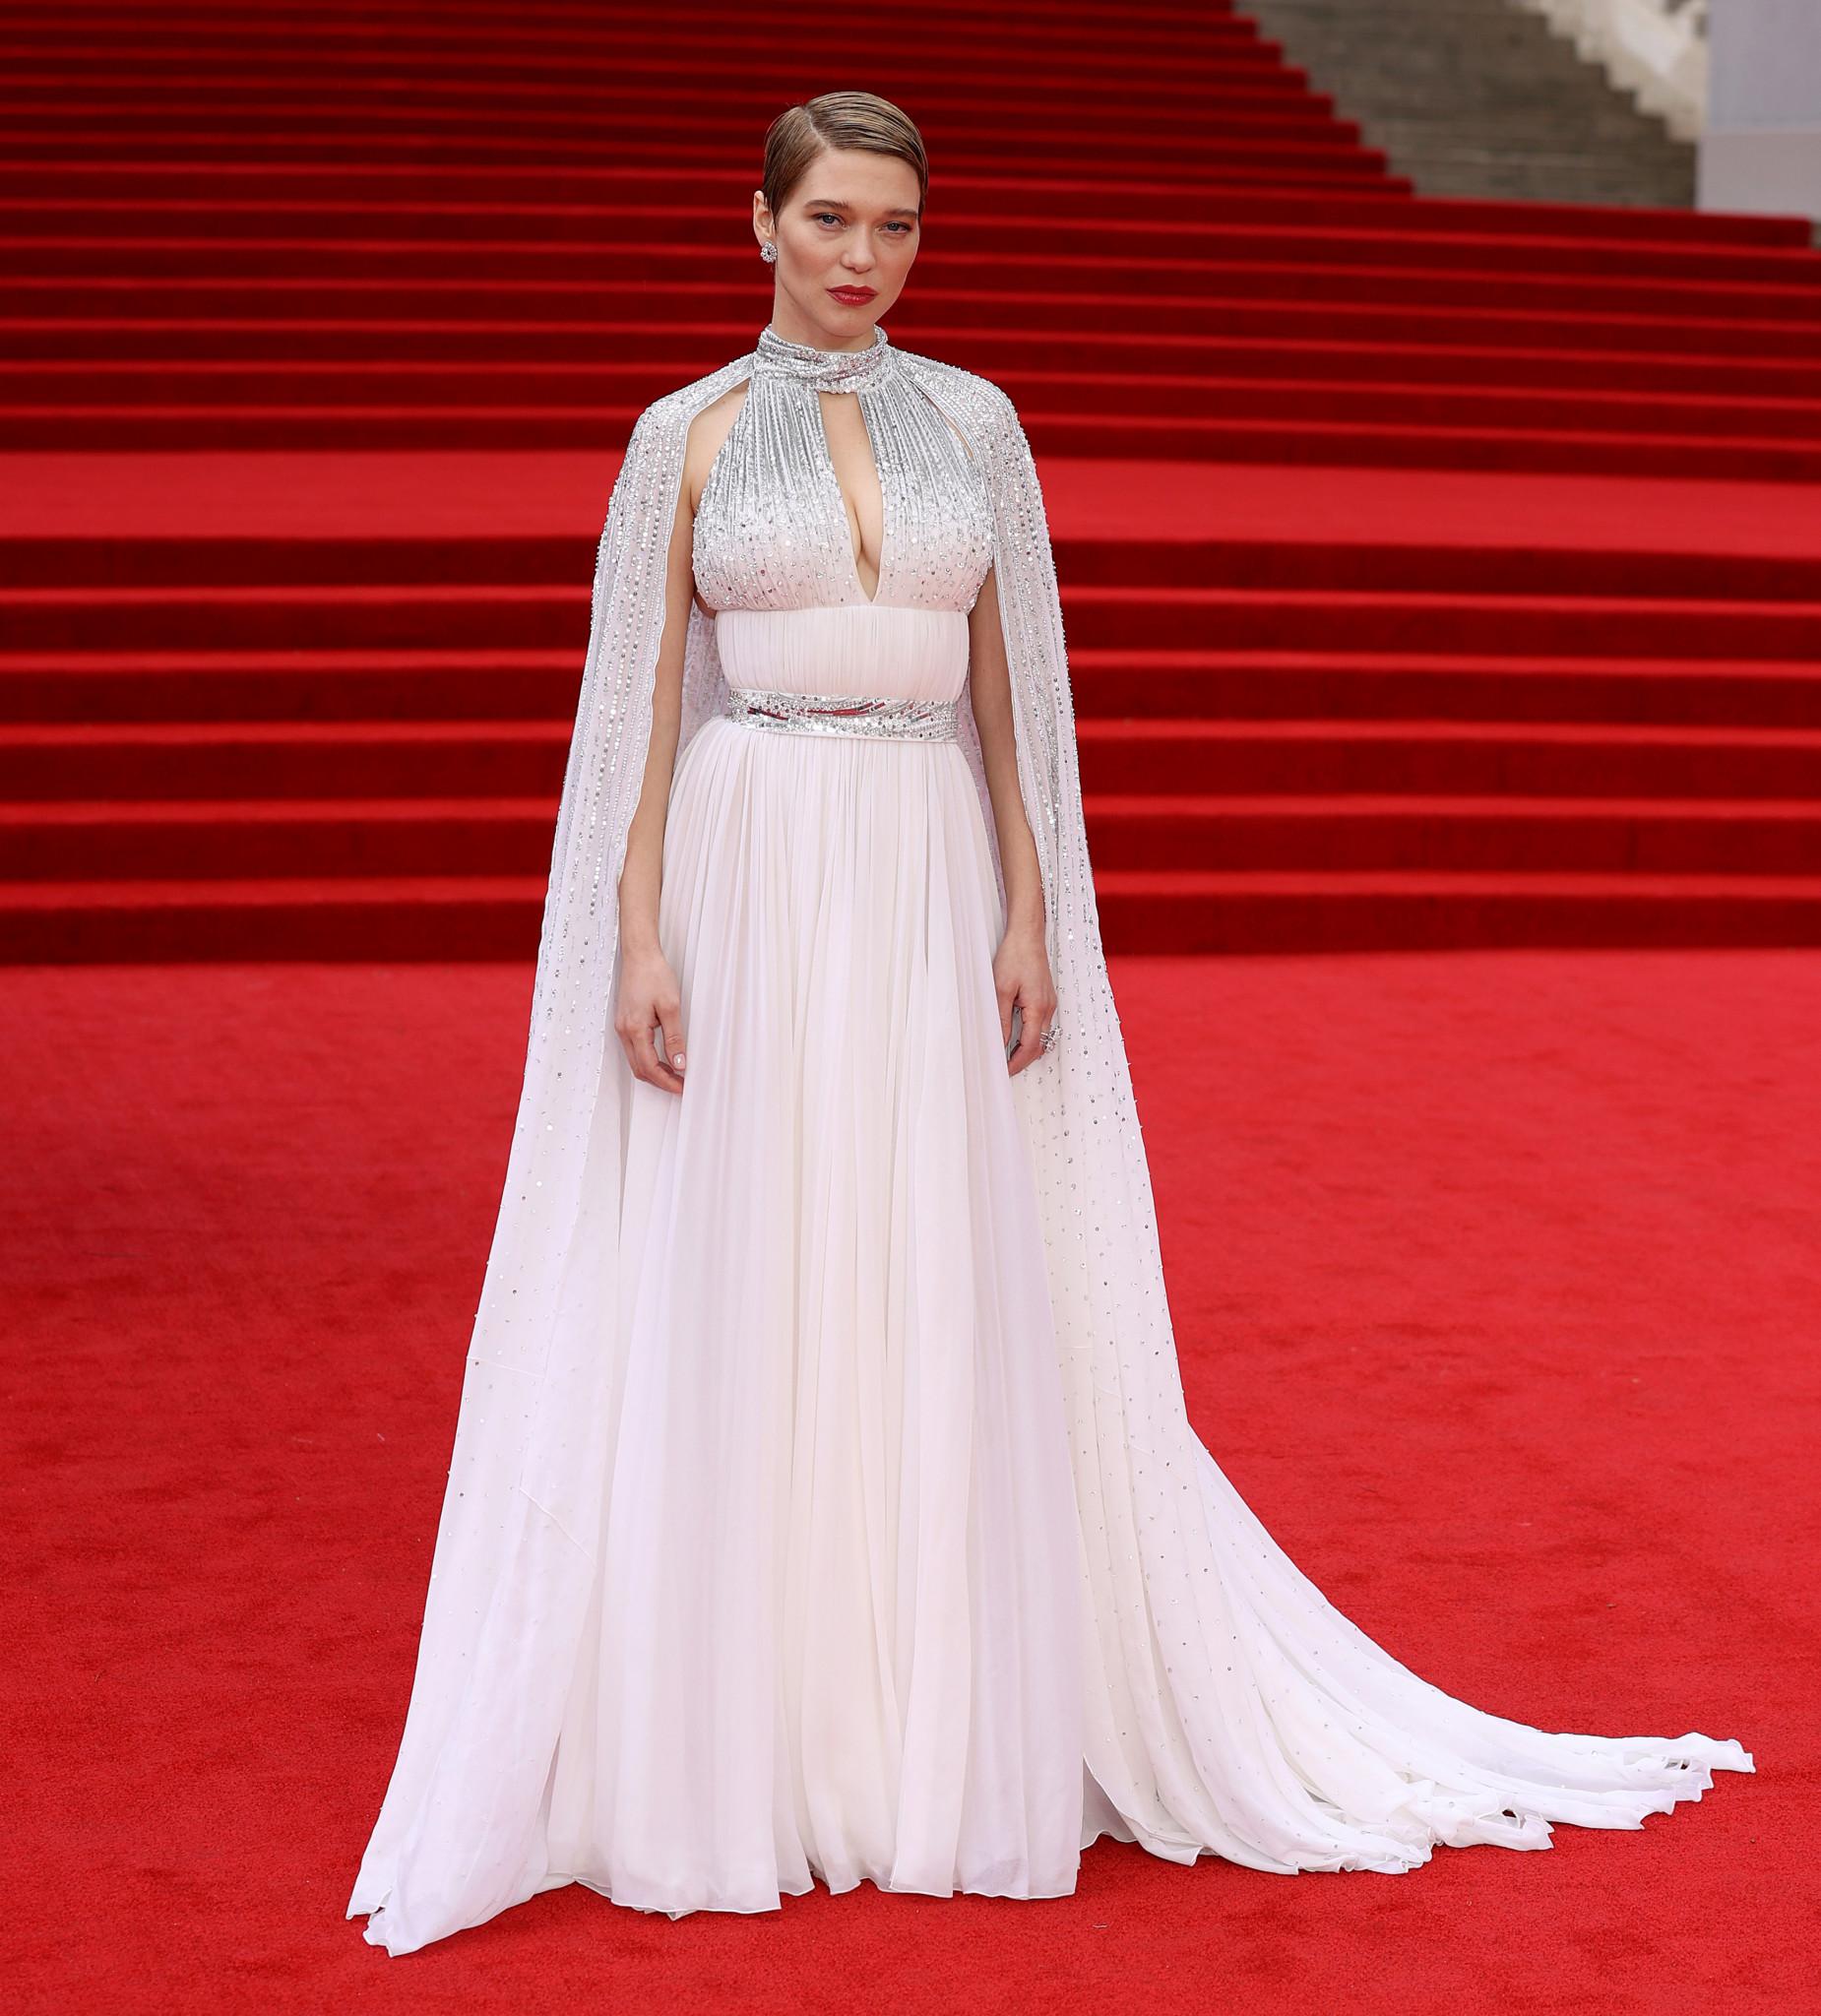 Louis Vuitton Lea Seydoux